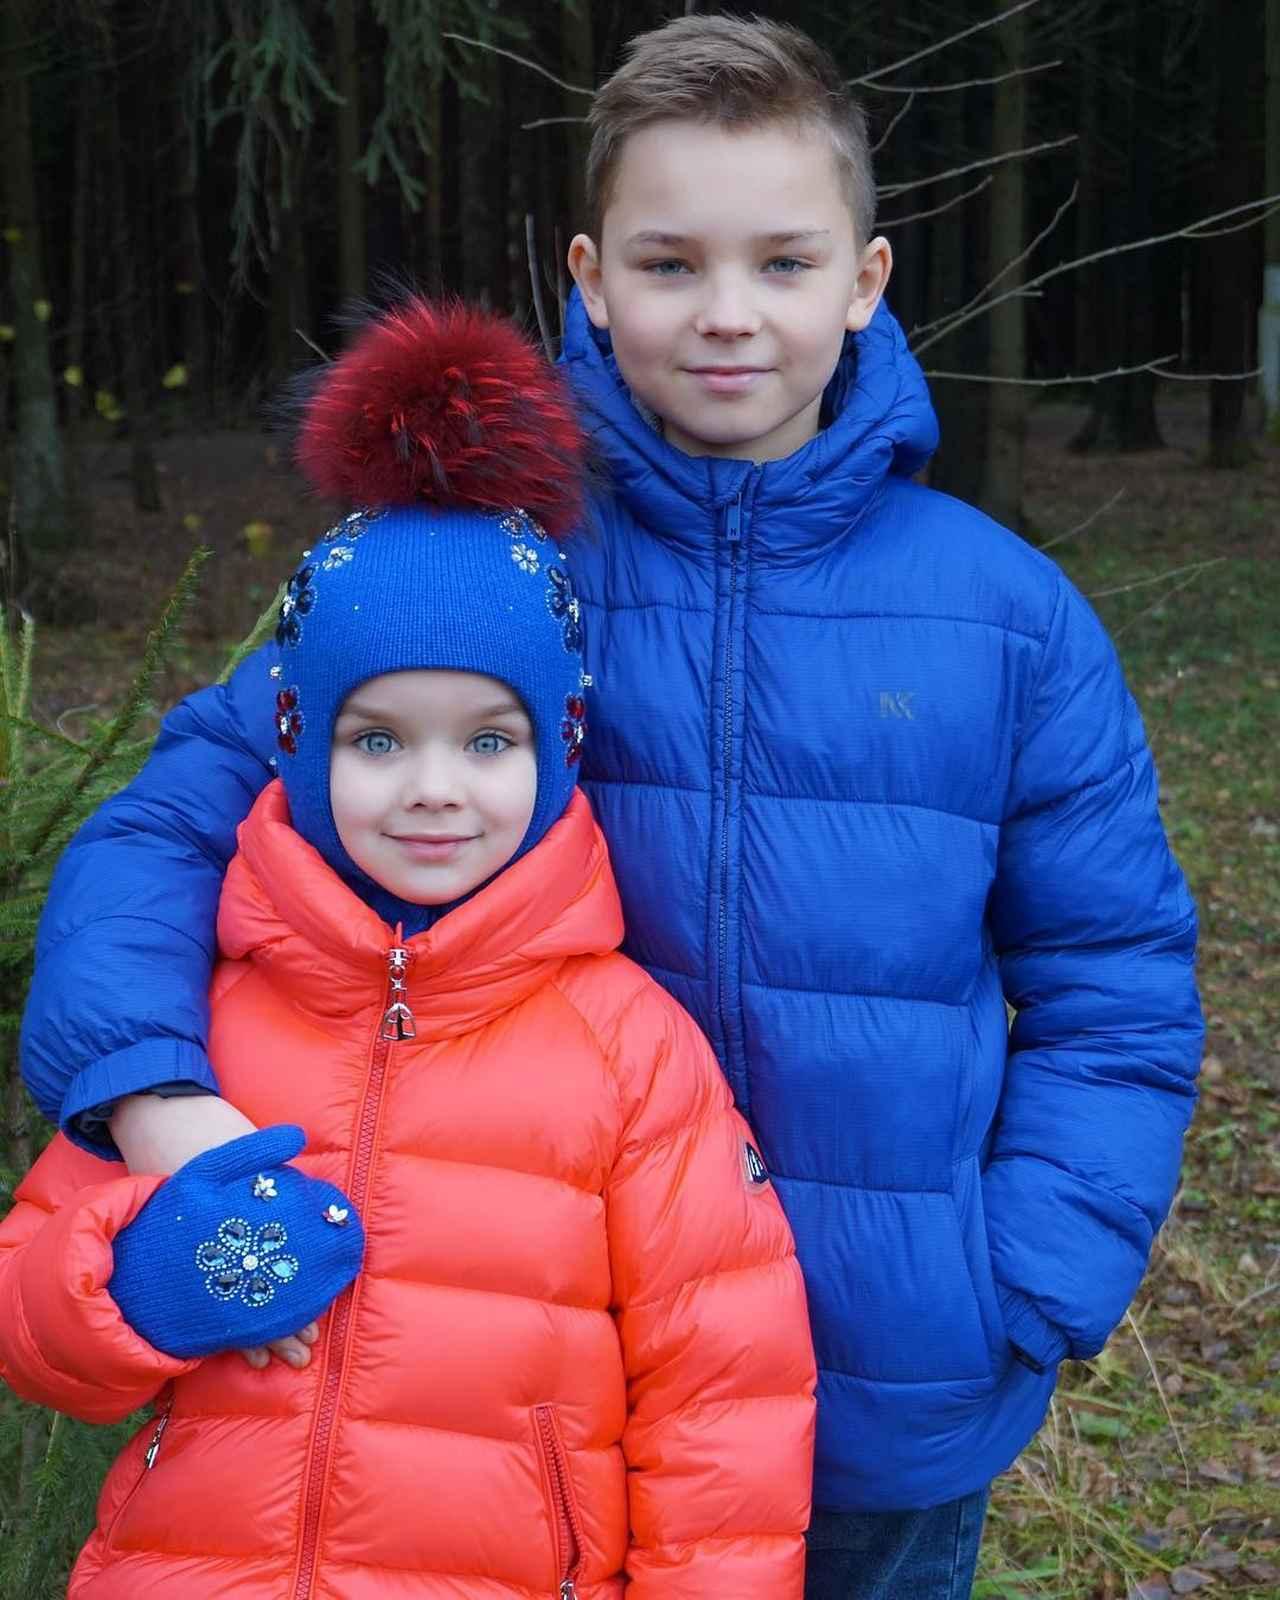 画像: ちなみにアナスタシアちゃんのお兄ちゃんもイケメン。 © anna_knyazeva_official